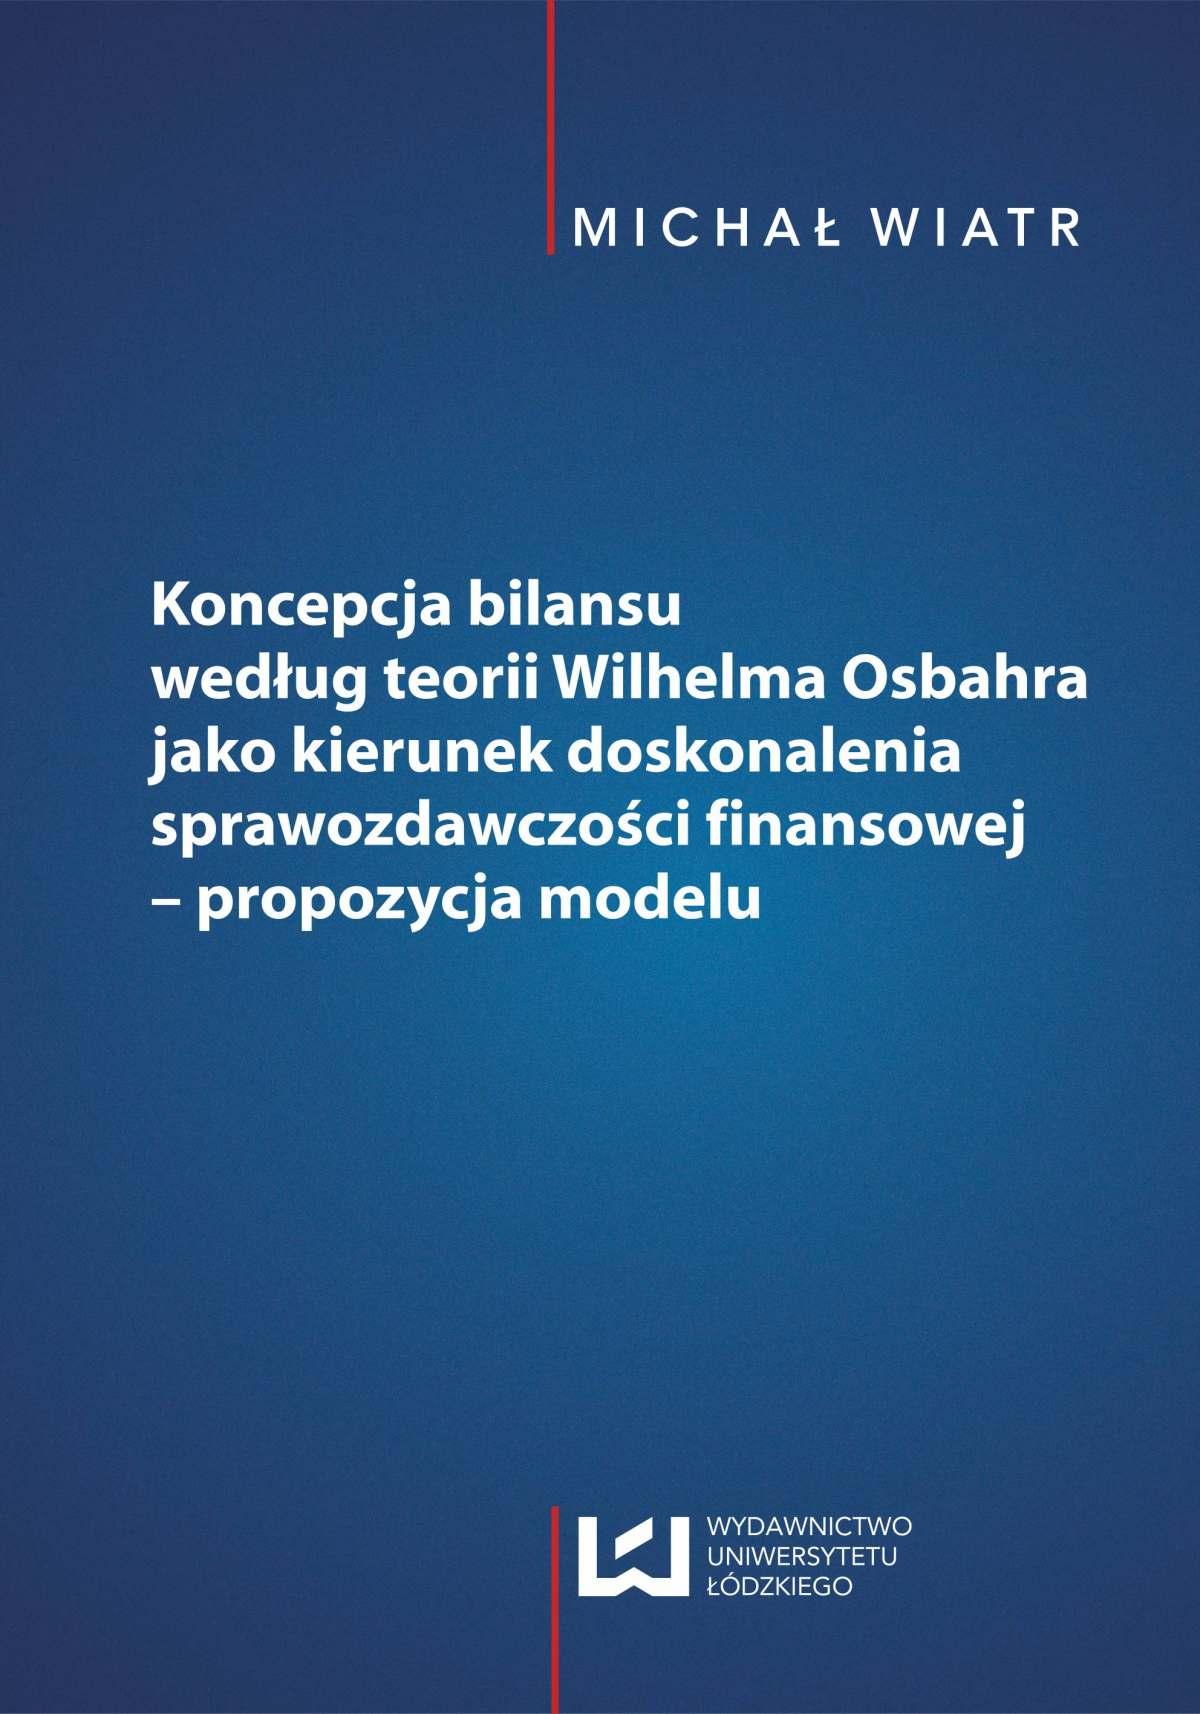 Koncepcja bilansu według teorii Wilhelma Osbahra jako kierunek doskonalenia sprawozdawczości finansowej - propozycja modelu - Ebook (Książka PDF) do pobrania w formacie PDF